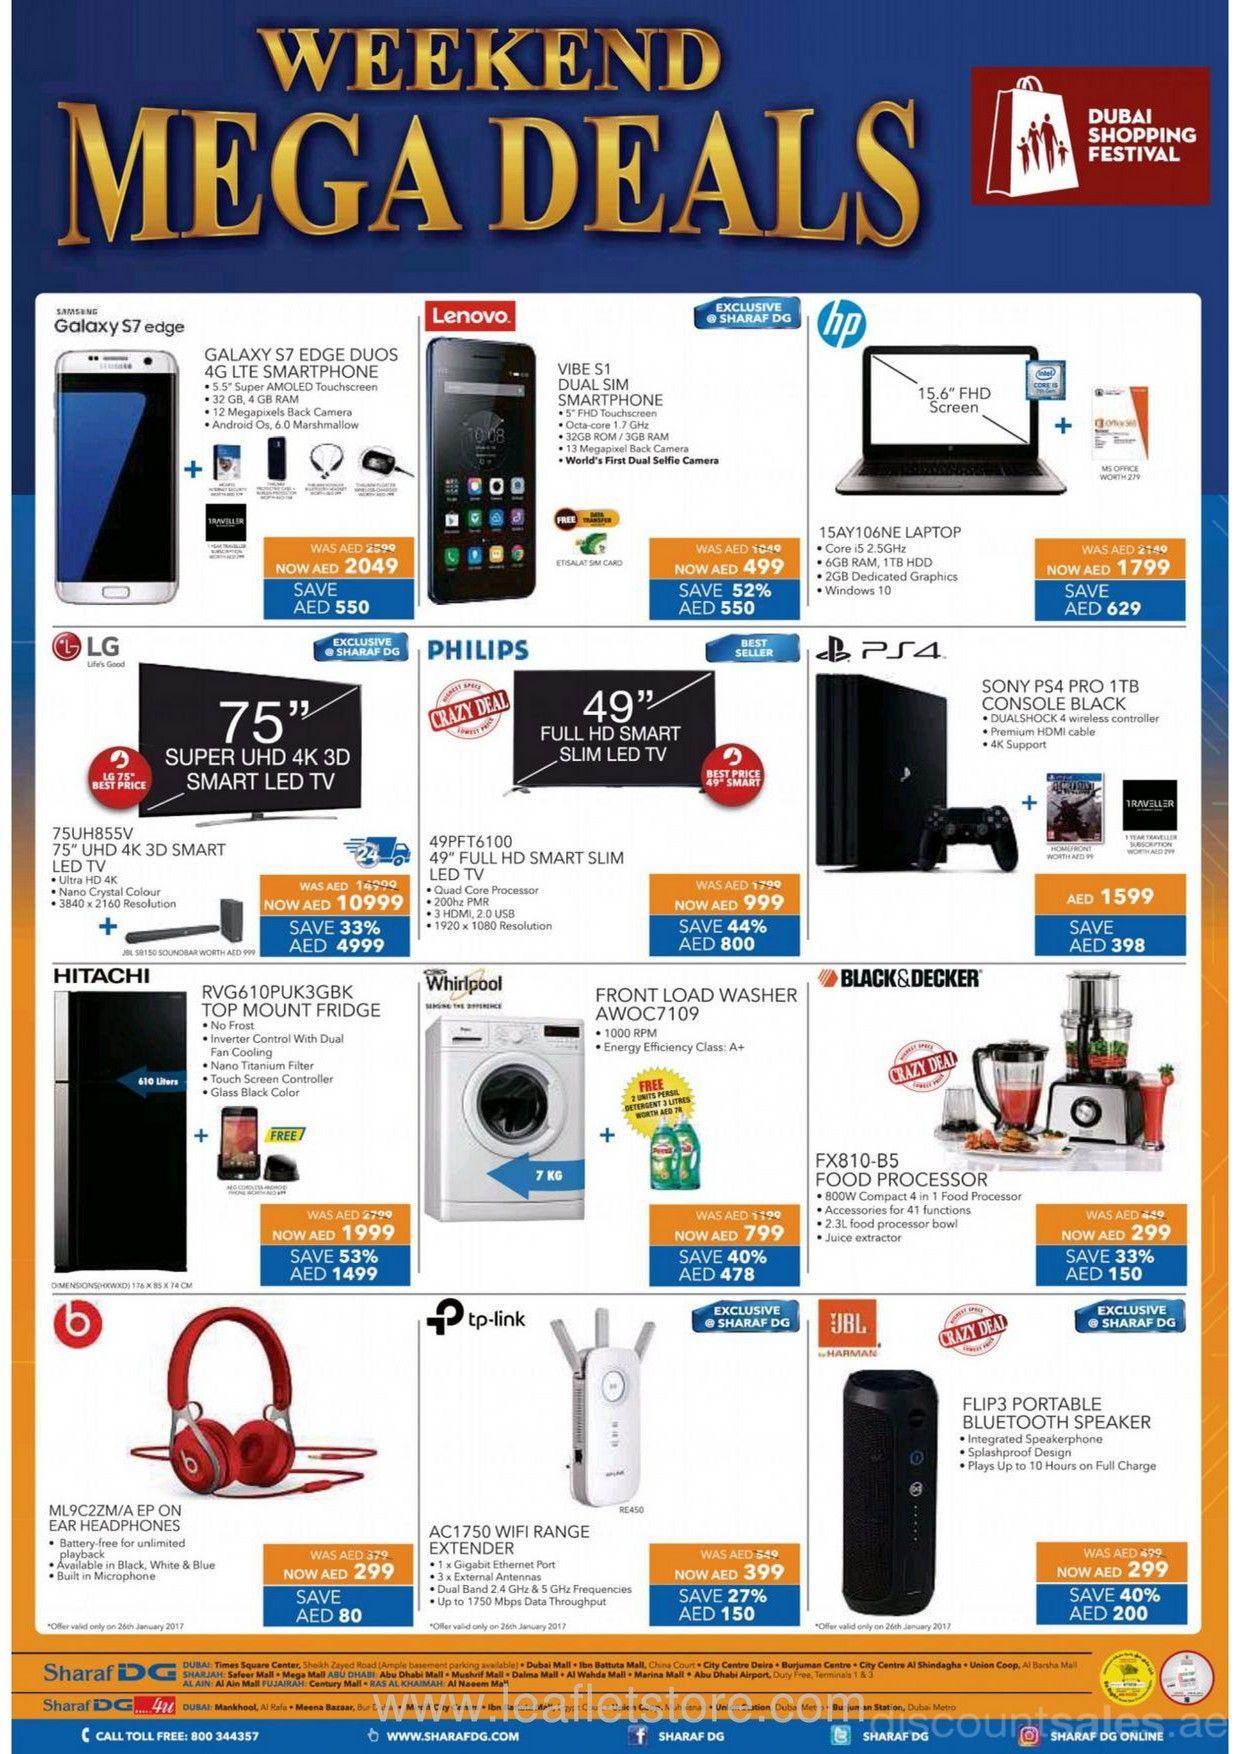 Weekend Mega Deals Offer at Sharaf DG | Discount Sales in UAE